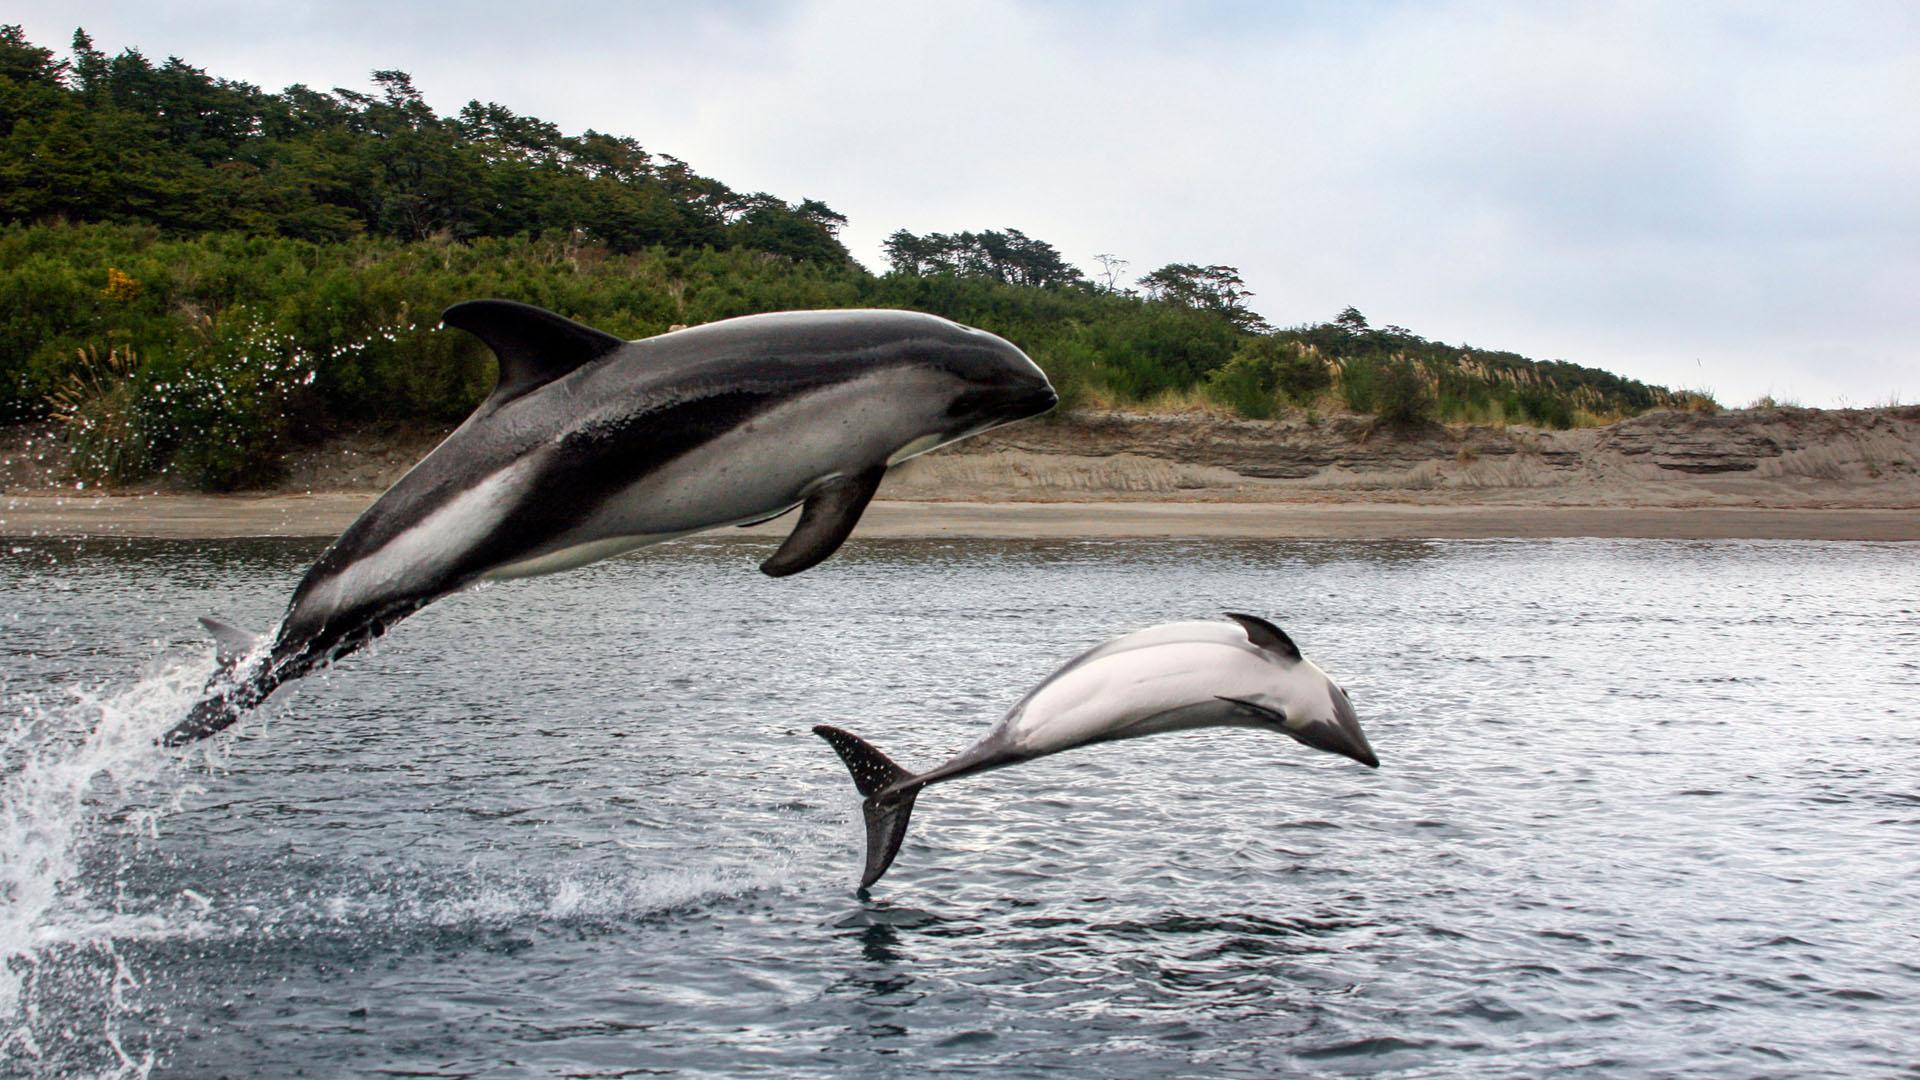 Los delfines suelen andar en manadas, pero el caso de Zafar es diferente